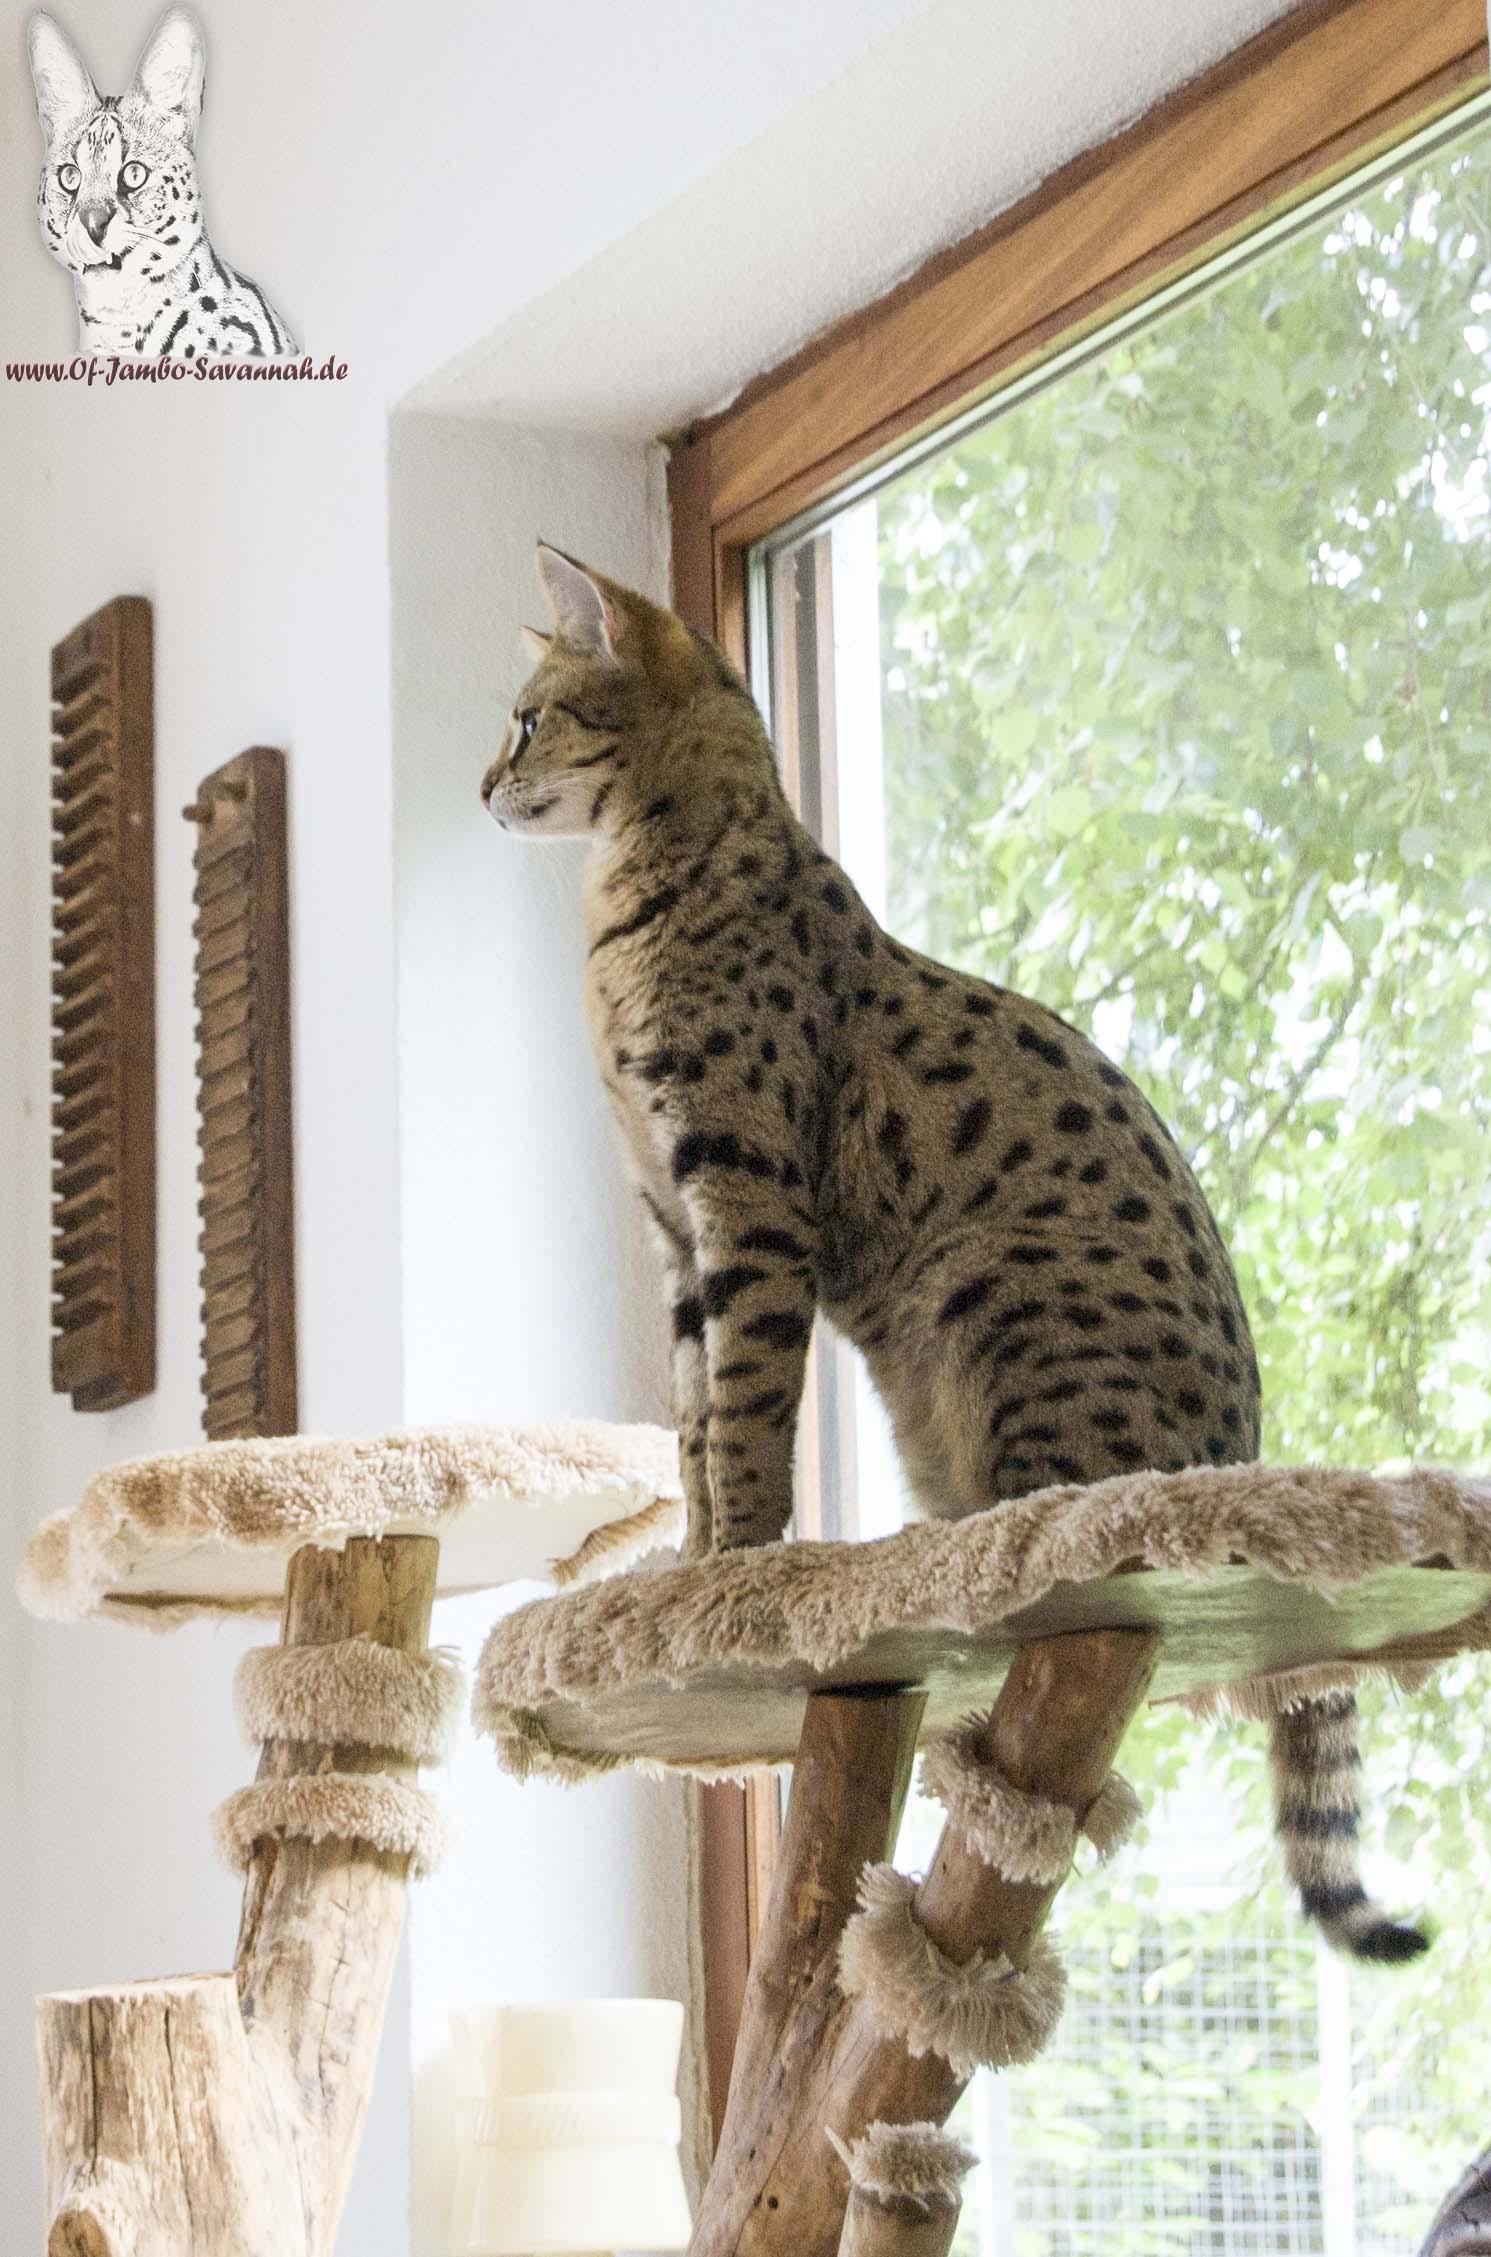 f1 savannah cat bella von der deutschen savannah katzenzucht of jambo savannah of jambo. Black Bedroom Furniture Sets. Home Design Ideas